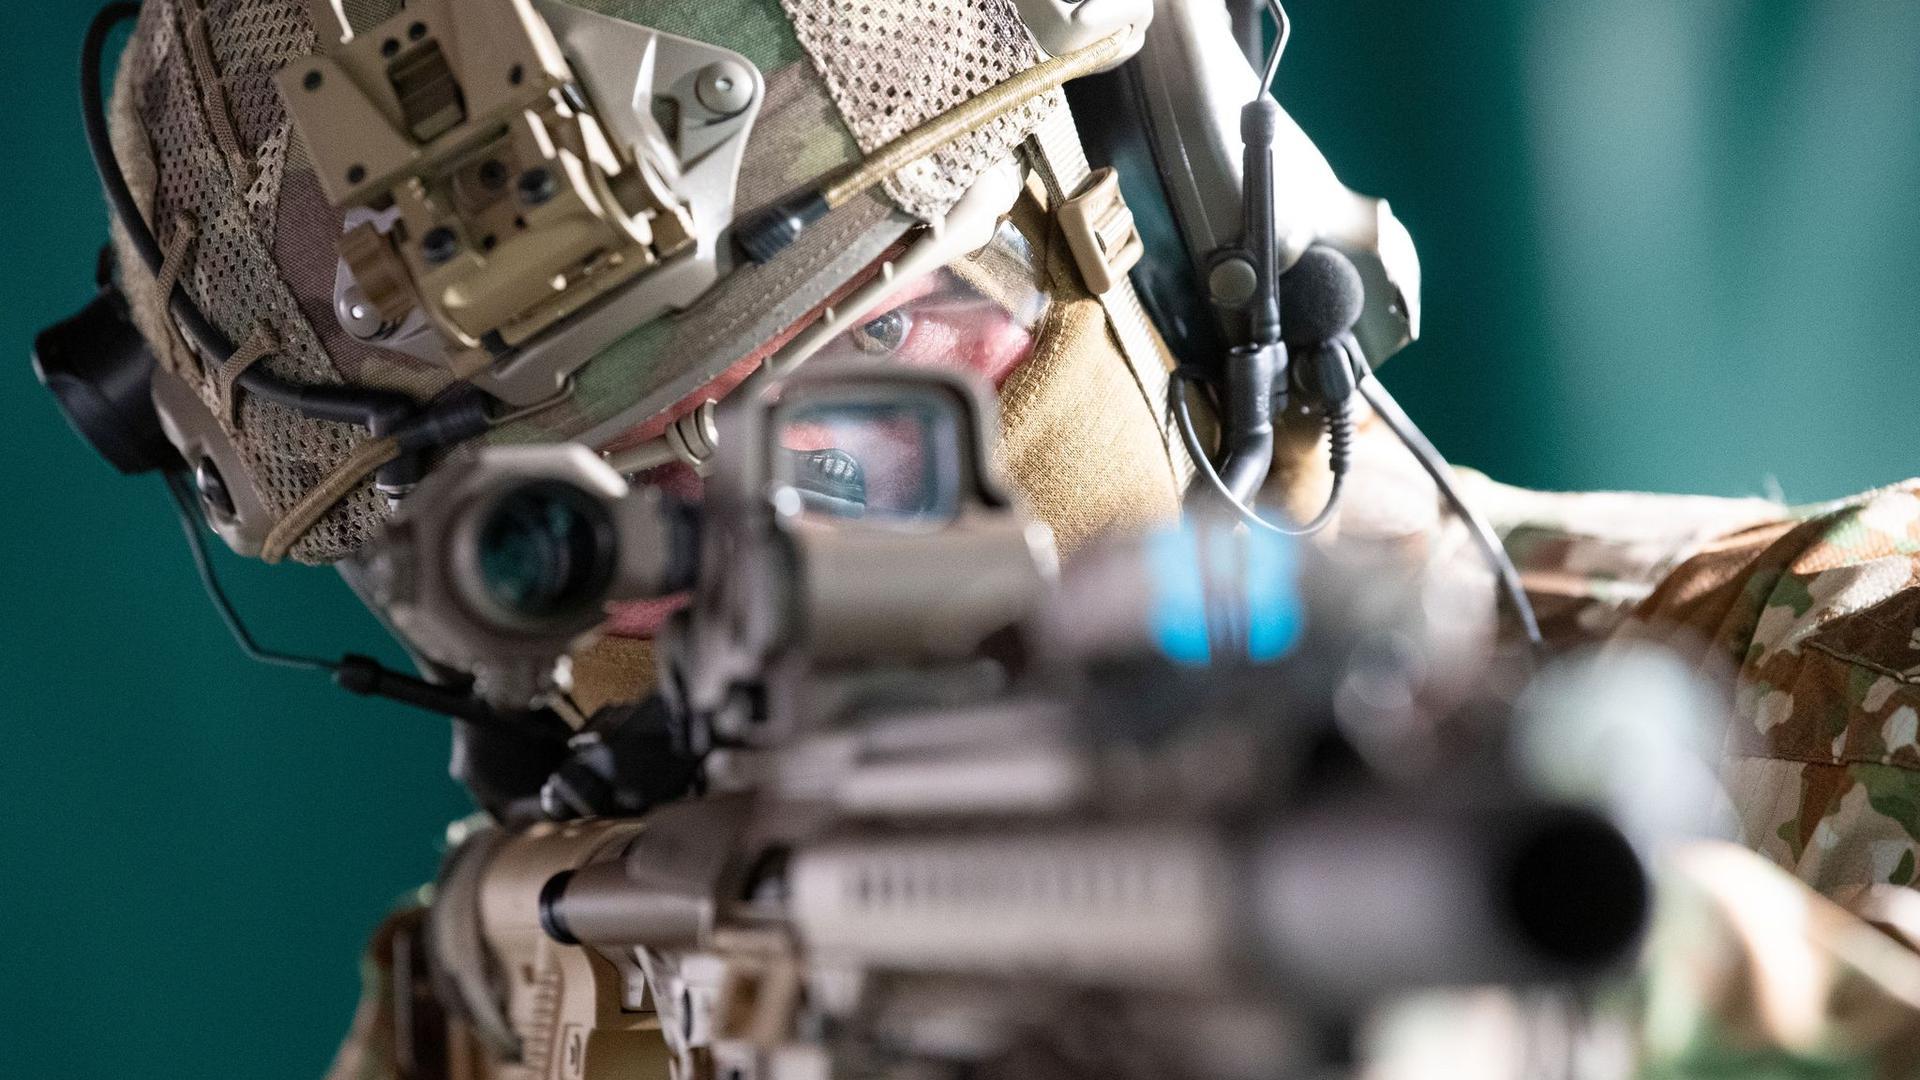 Das Kommando Spezialkräfte der Bundeswehr bleibt erhalten.